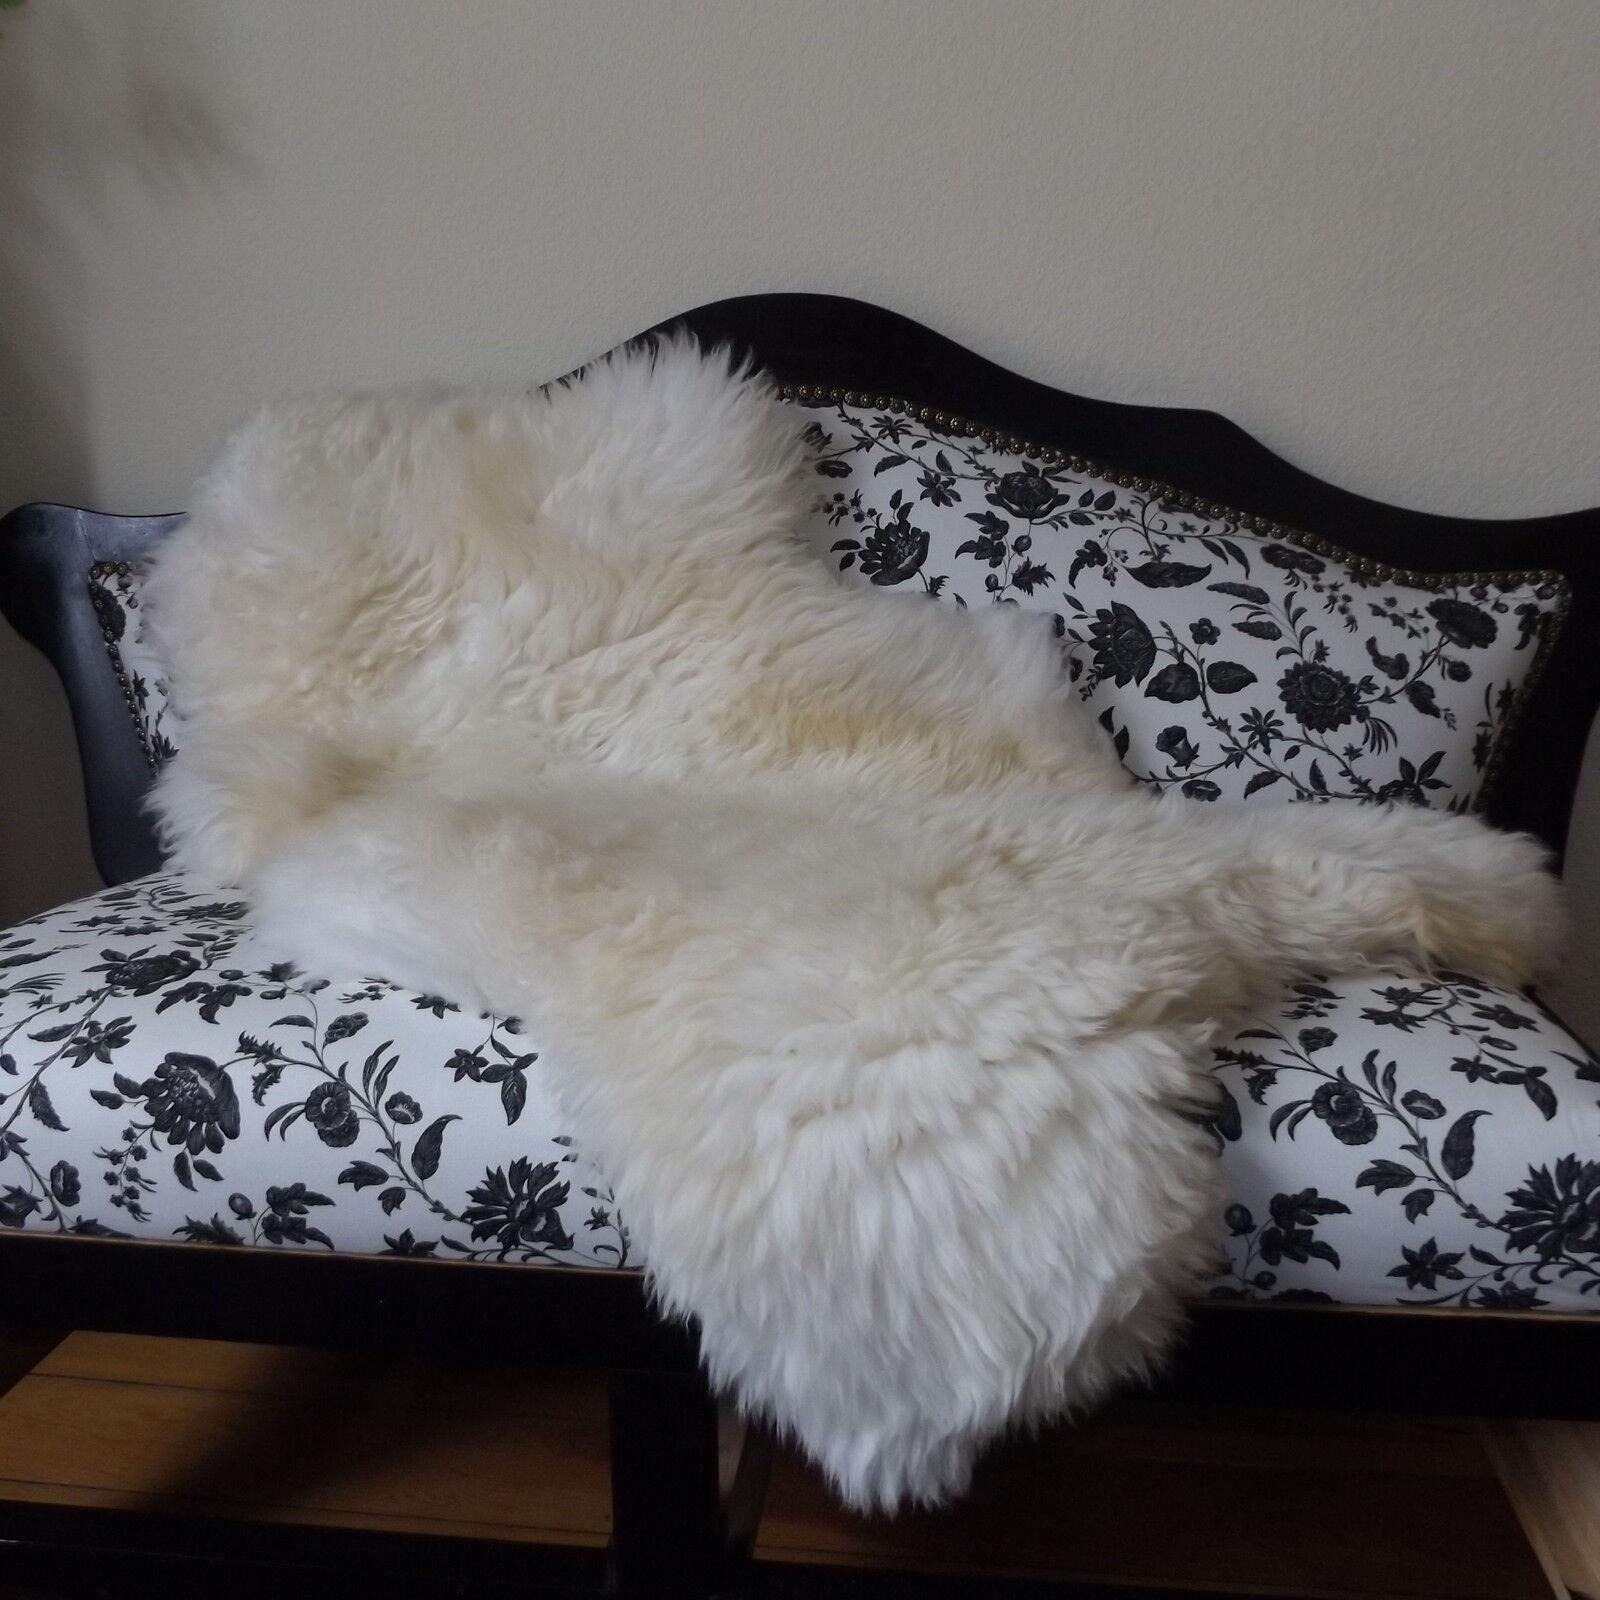 Top éco mouton peaux mouton LAINEE lammfelle peau LAINEE mouton 90cm à 155cm! 130400